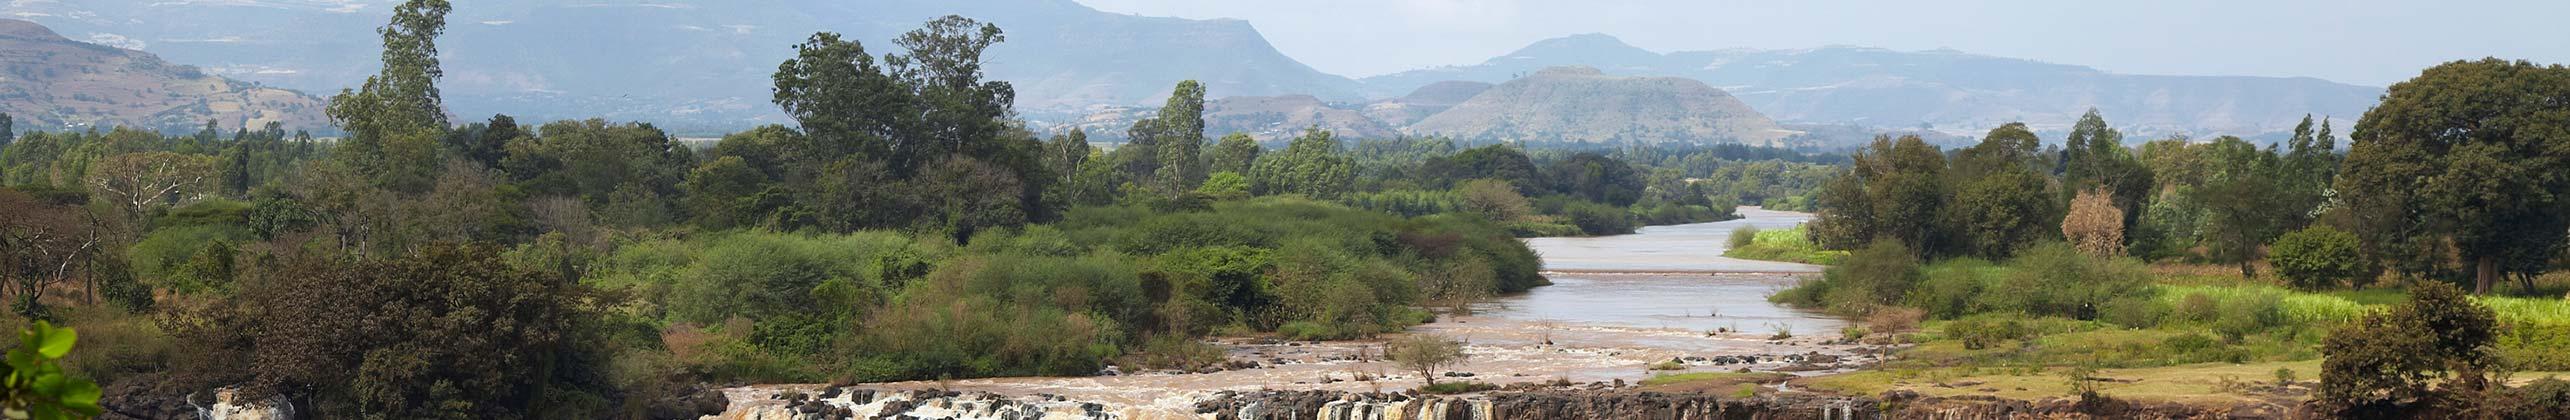 Voyage solidaire en Afrique avec TDS VOYAGE